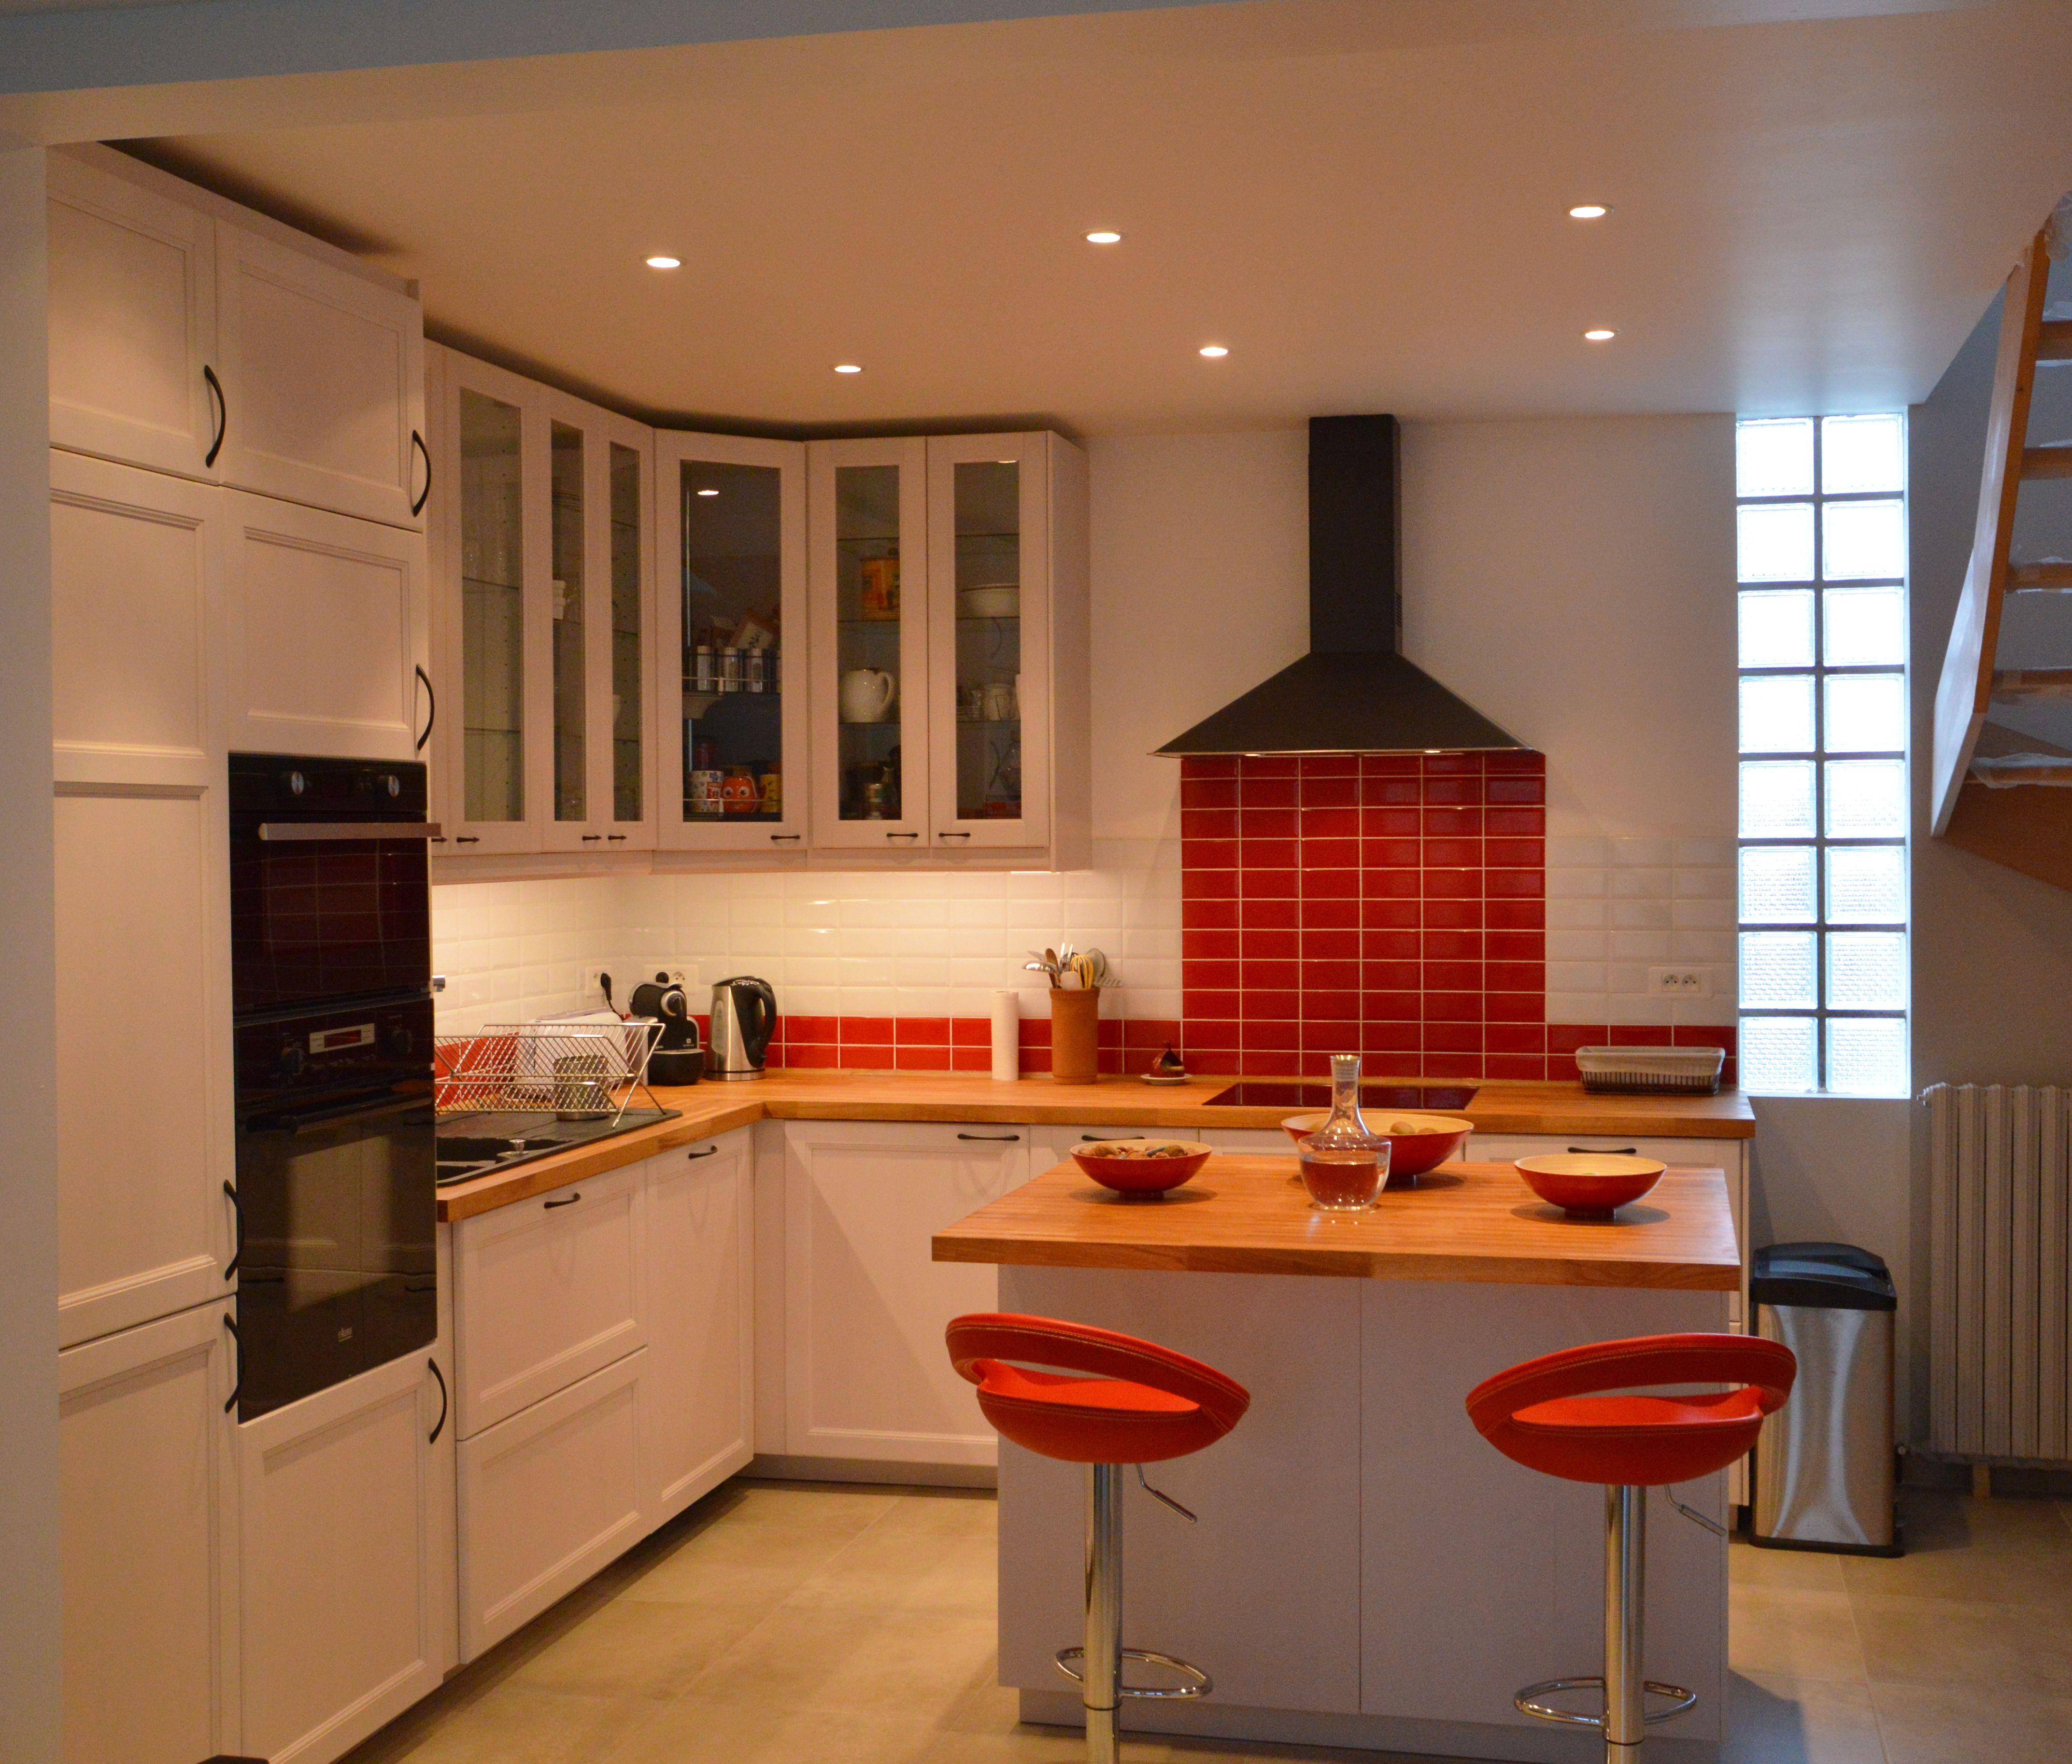 Cuisine Retro Et Moderne Carrelage Metro Rouge Et Blanc C Parisd